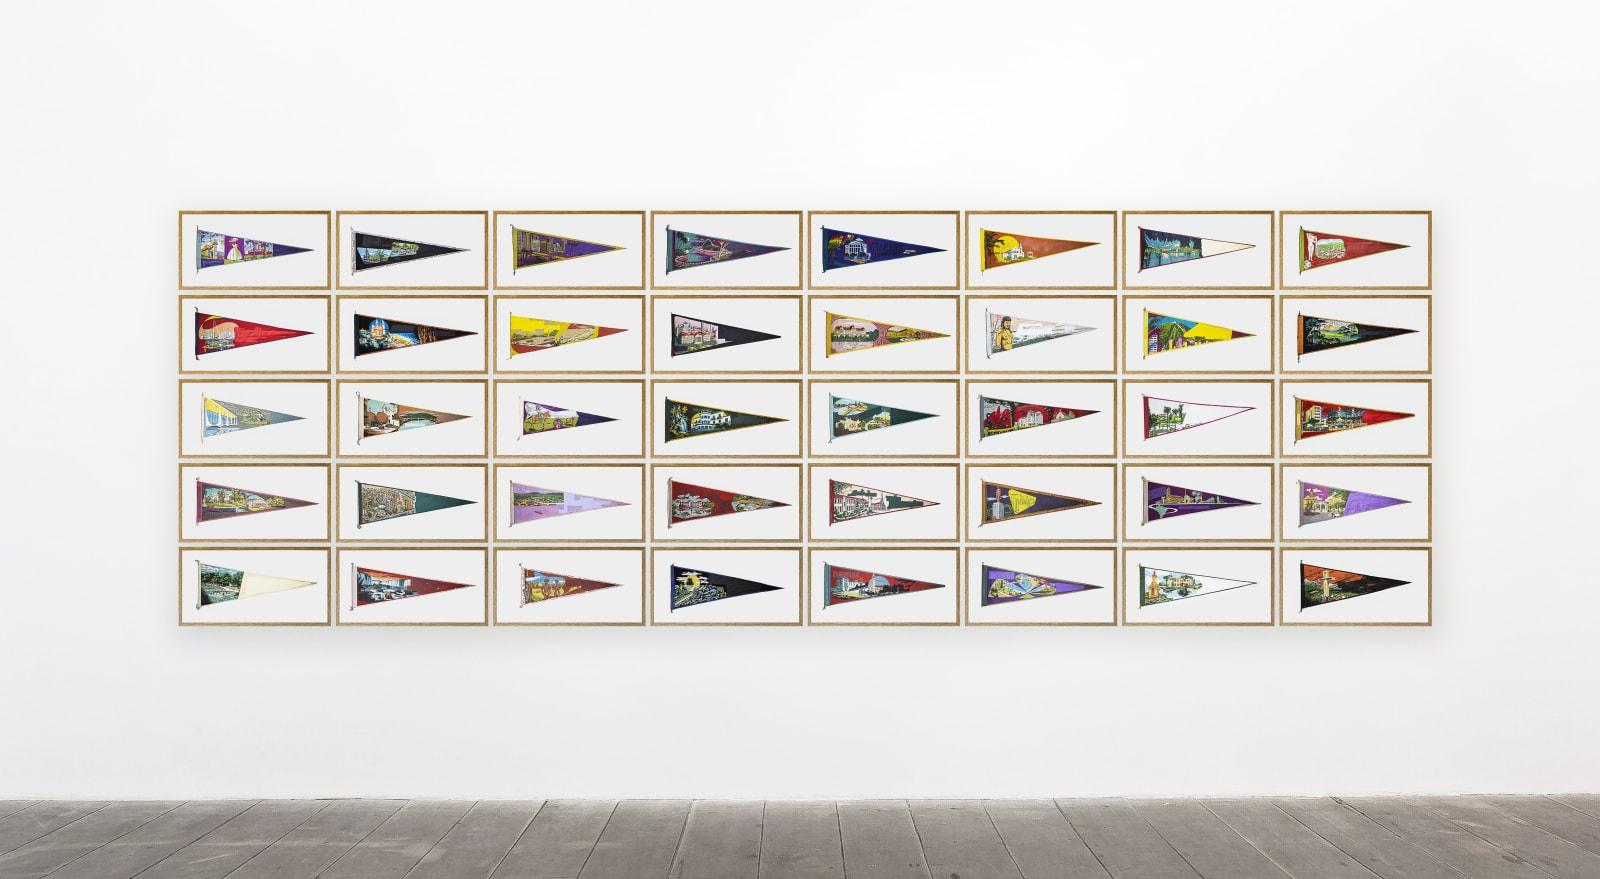 BRUNO FARIA Lembranças de Paisagem   Brasil, 2020 Pintura e serigrafia sobre tecido (Conjunto de 40 obras representando diversas cidades do Brasil) aprox. 172 x 513 cm